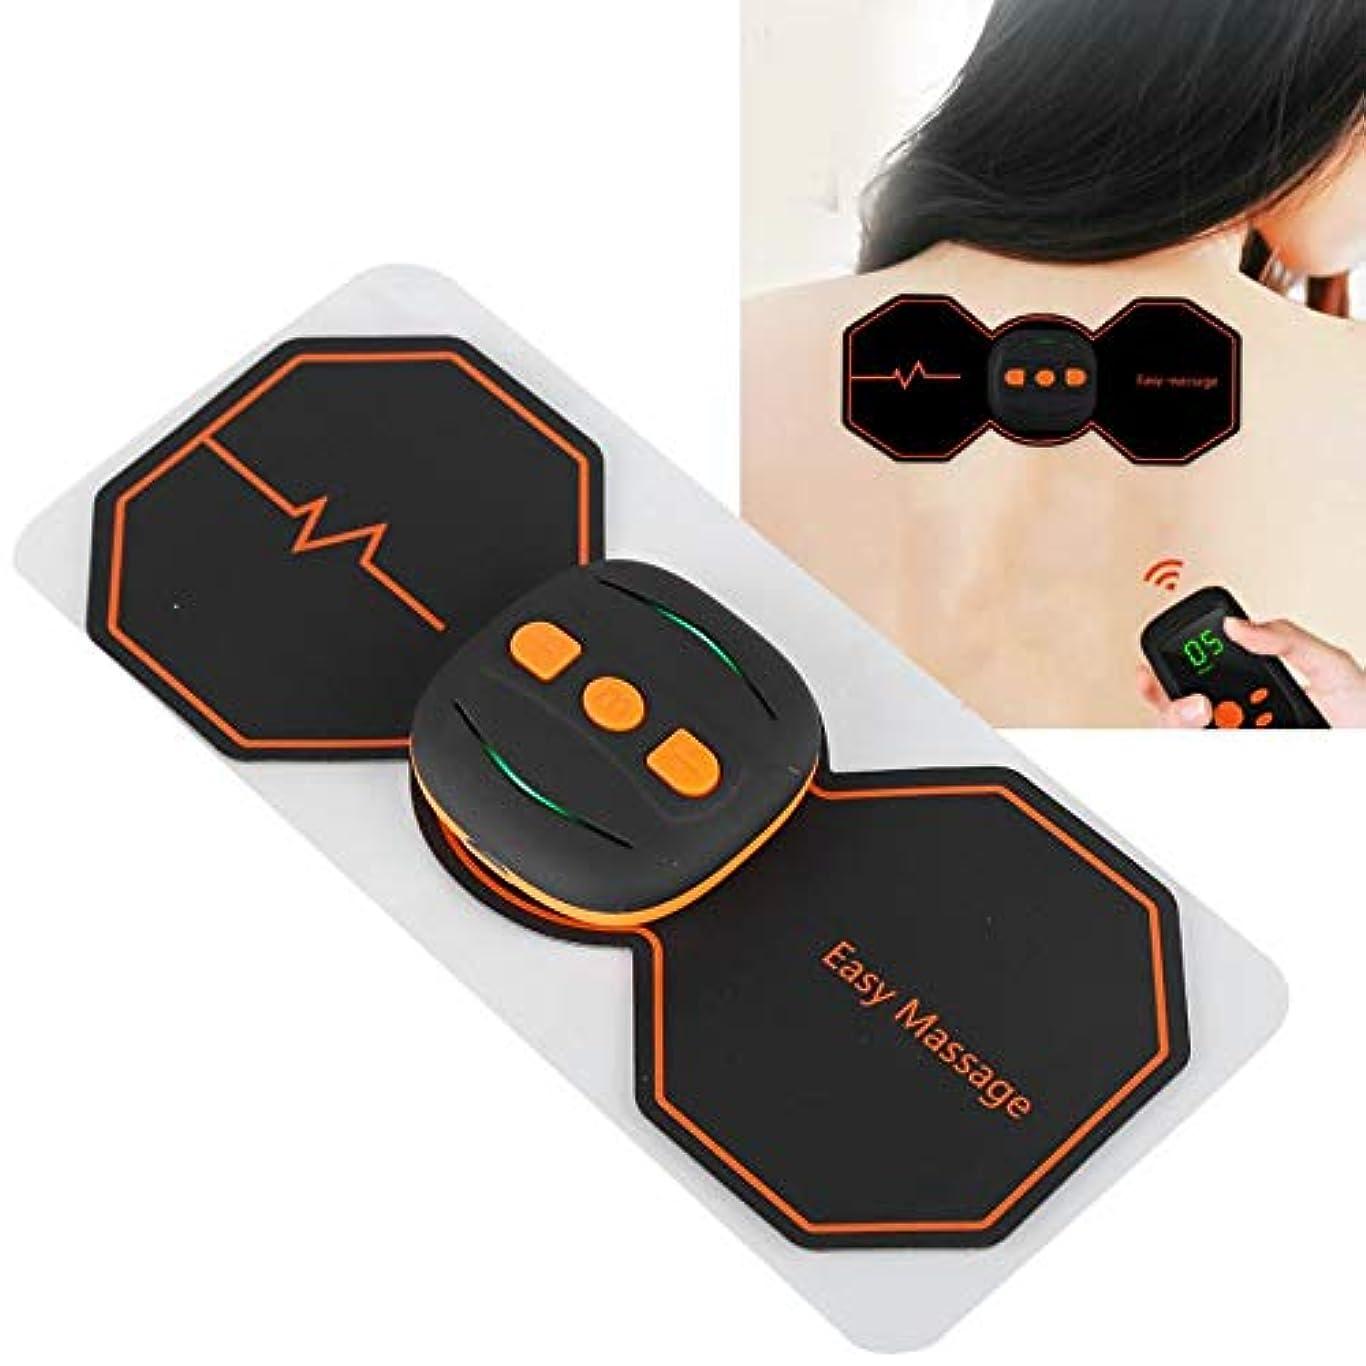 甘やかす絶縁する地域セラピー充電式ワイヤレス頸椎マッサージャーネックウエストマッサージステッカーデバイス